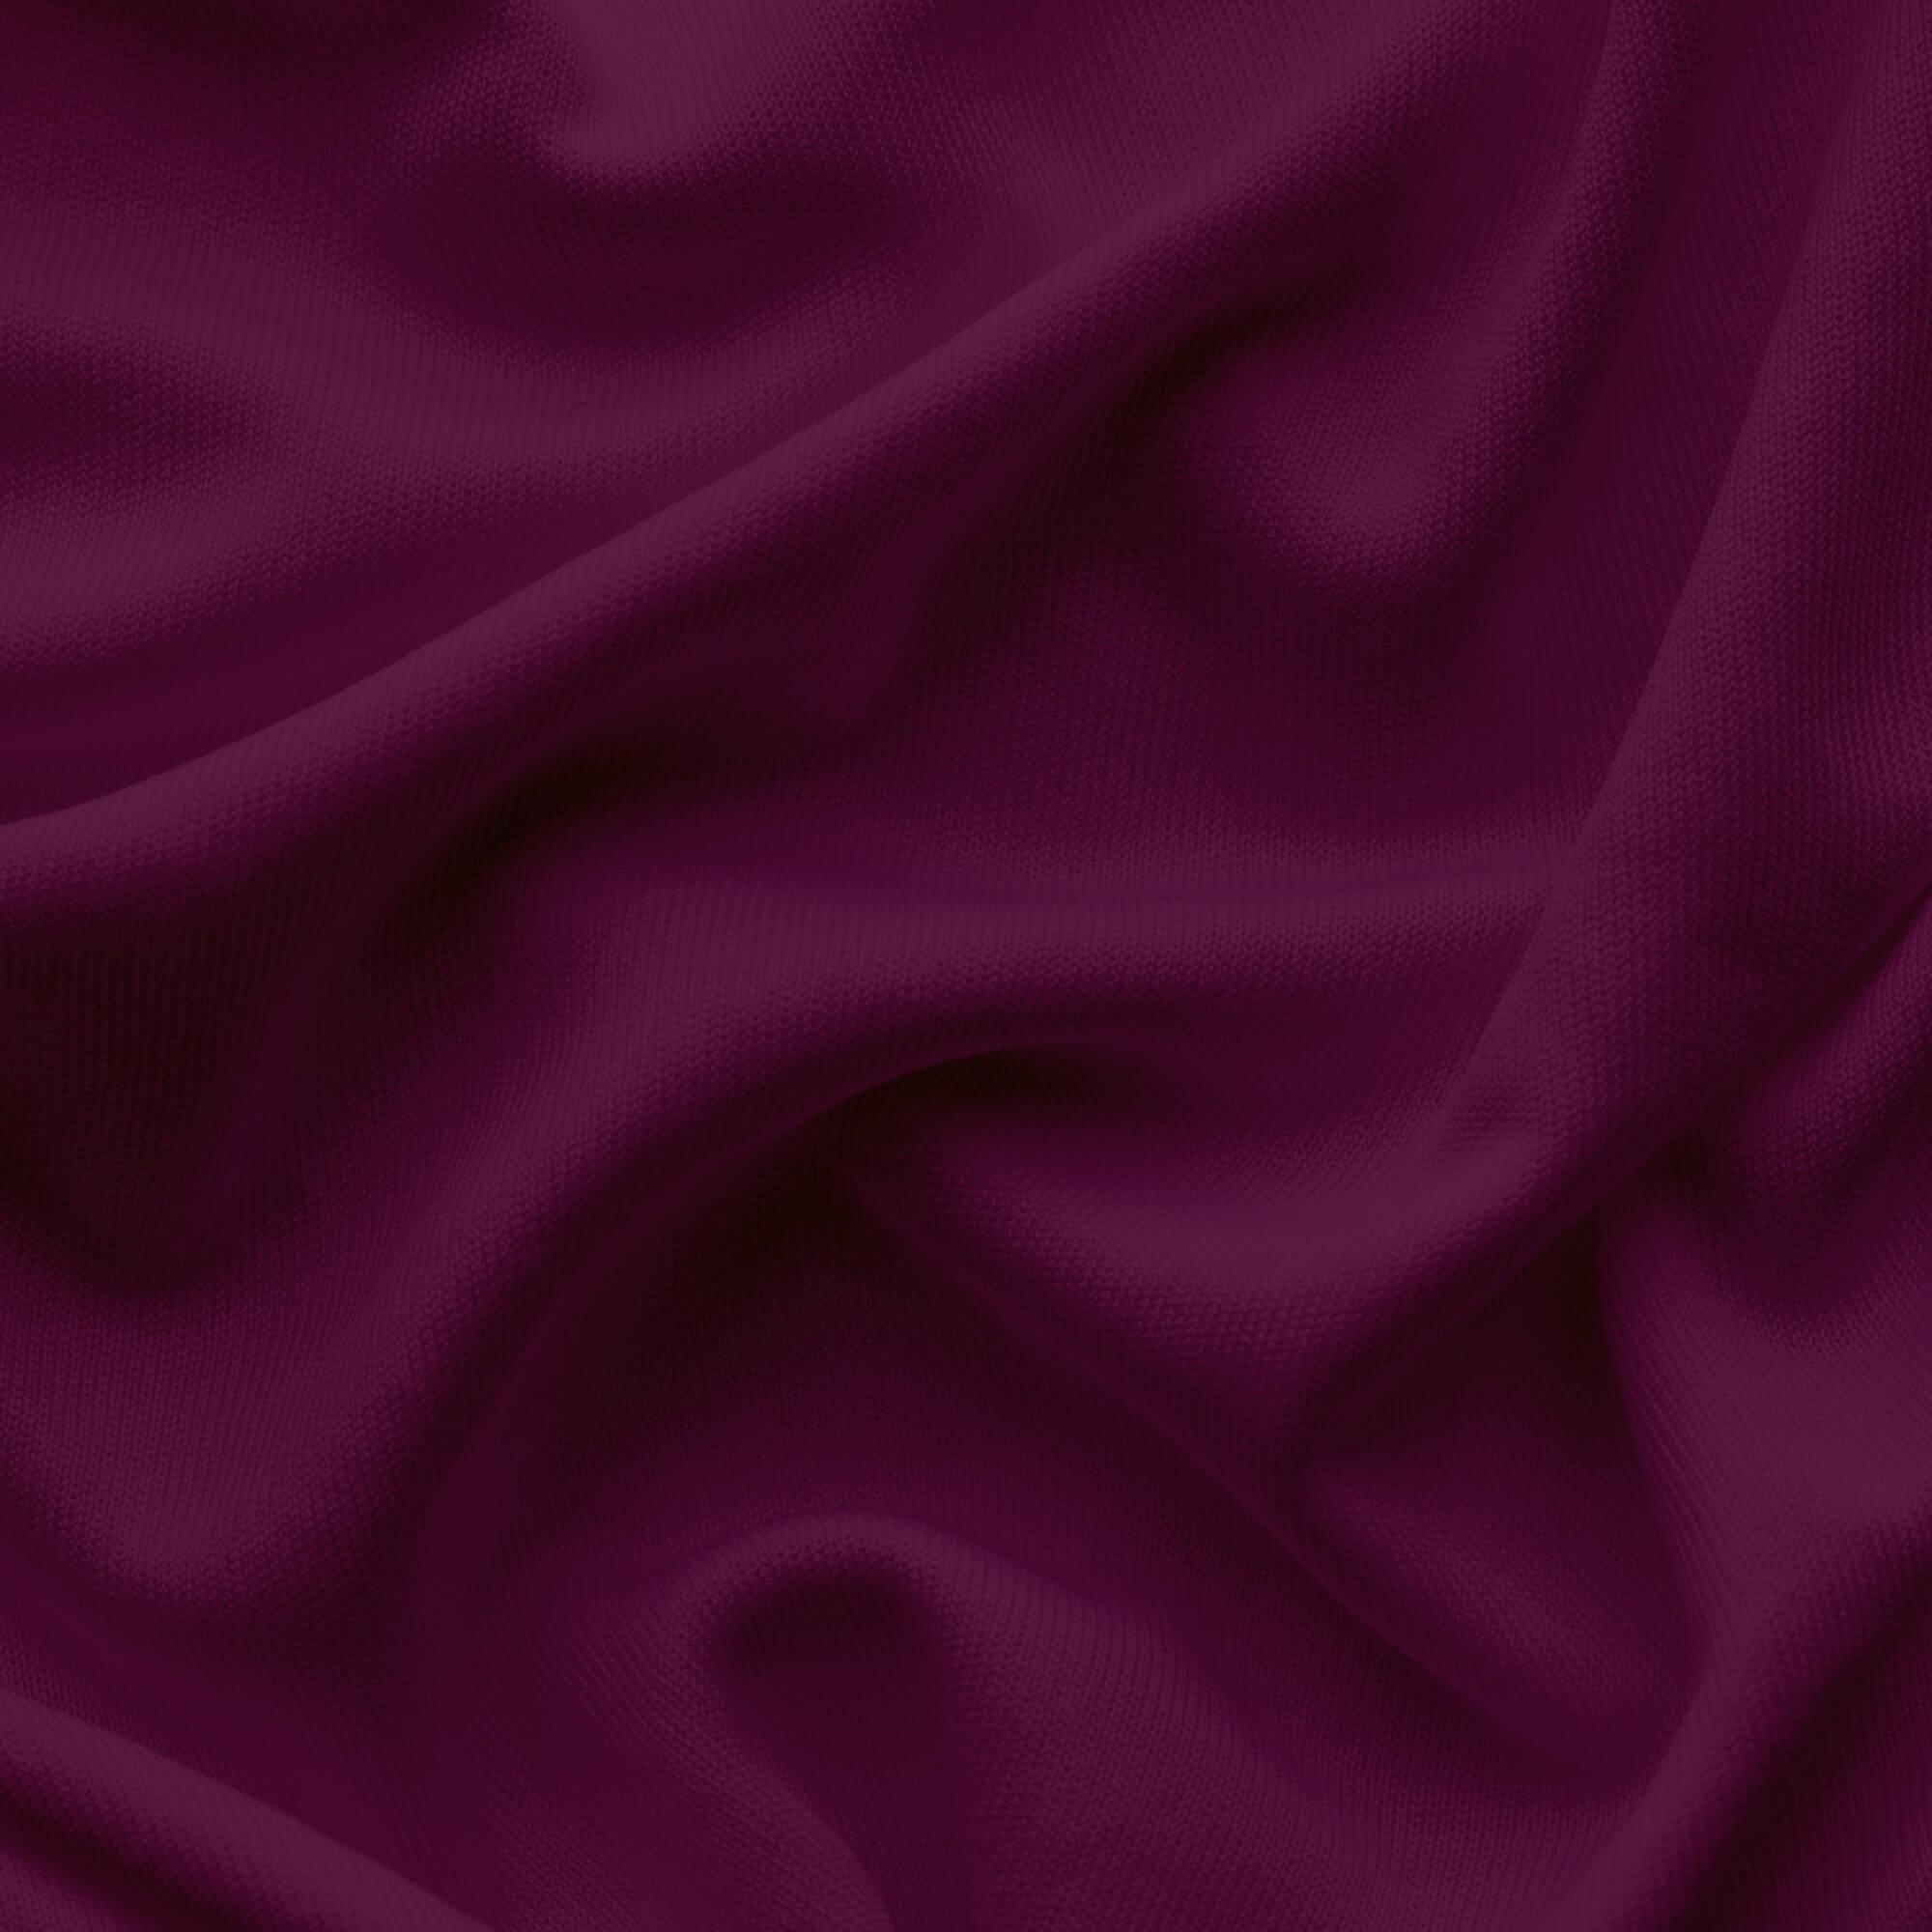 lila schlafgut Spannbettlaken Mikrofaser Feininterlock